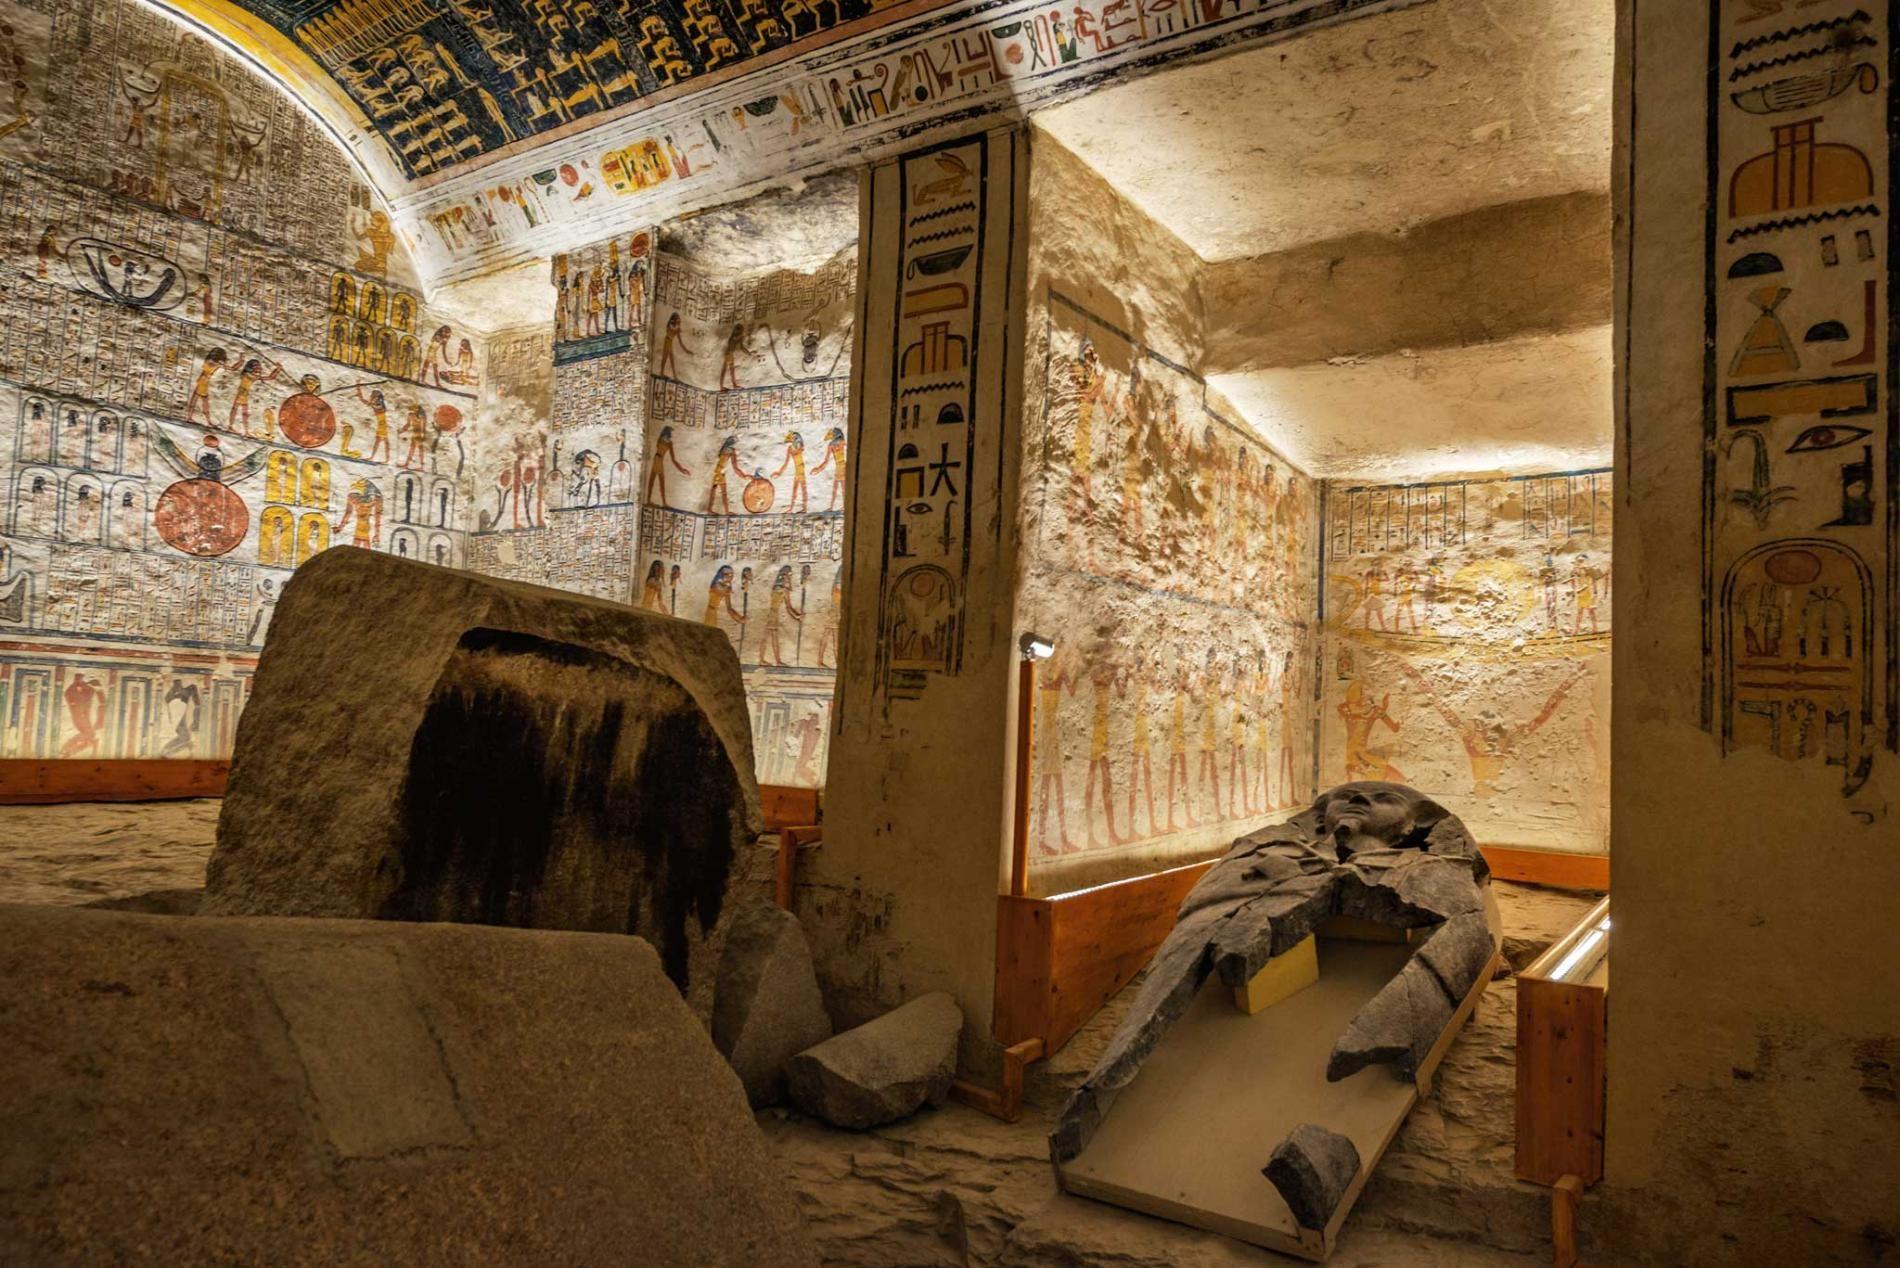 La vallée des rois pillée en Égypte, image ©Robert Clark pour le National Geographic